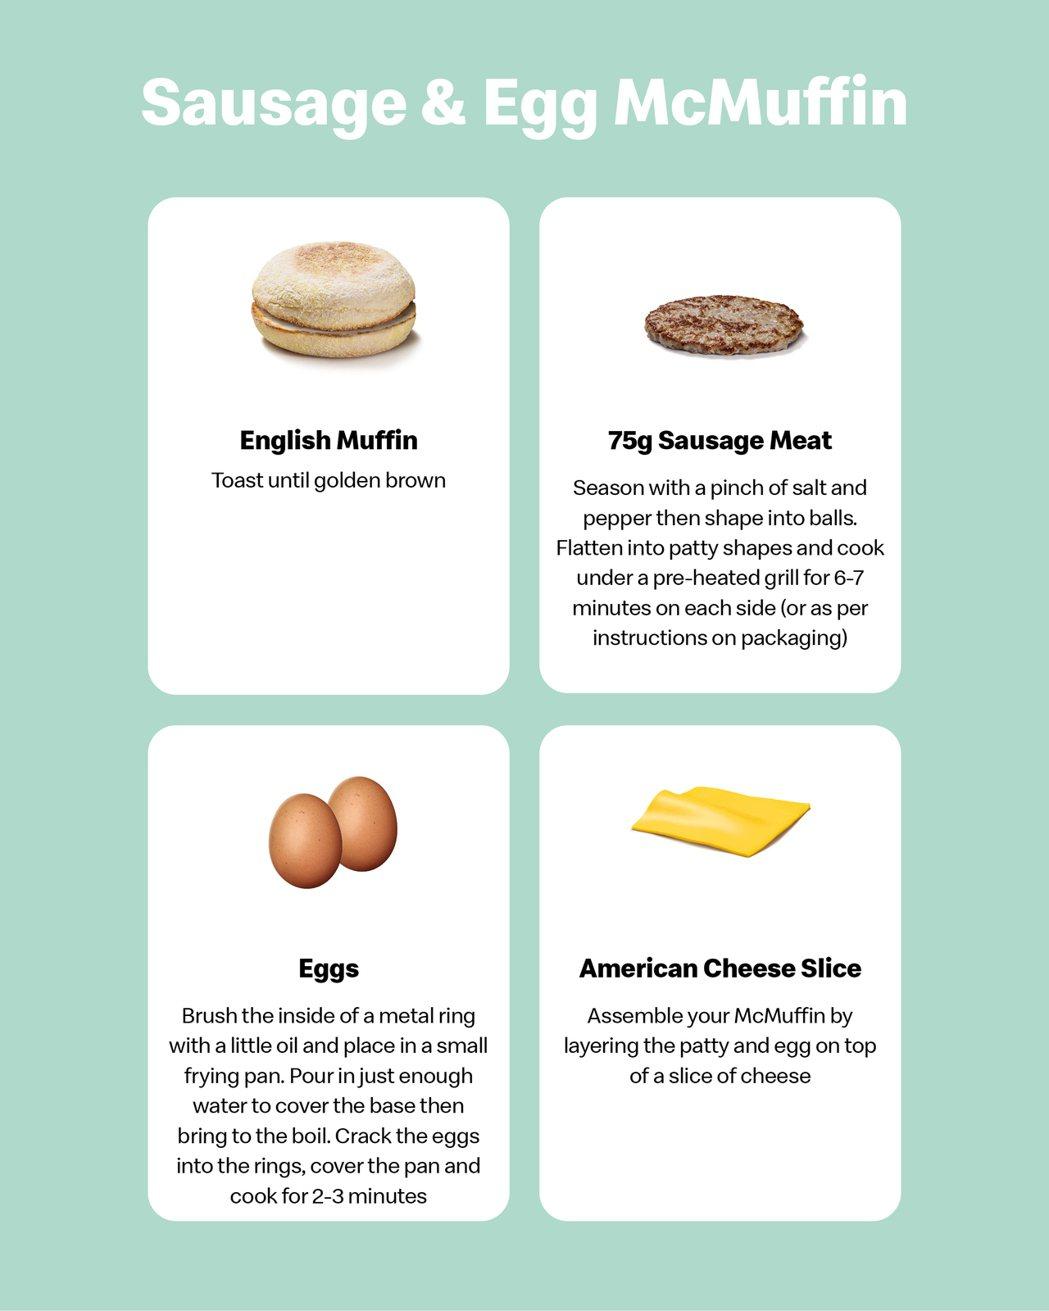 英國麥當勞近期公佈豬肉滿福堡加蛋的食譜。圖/取自McDonald's UK推特